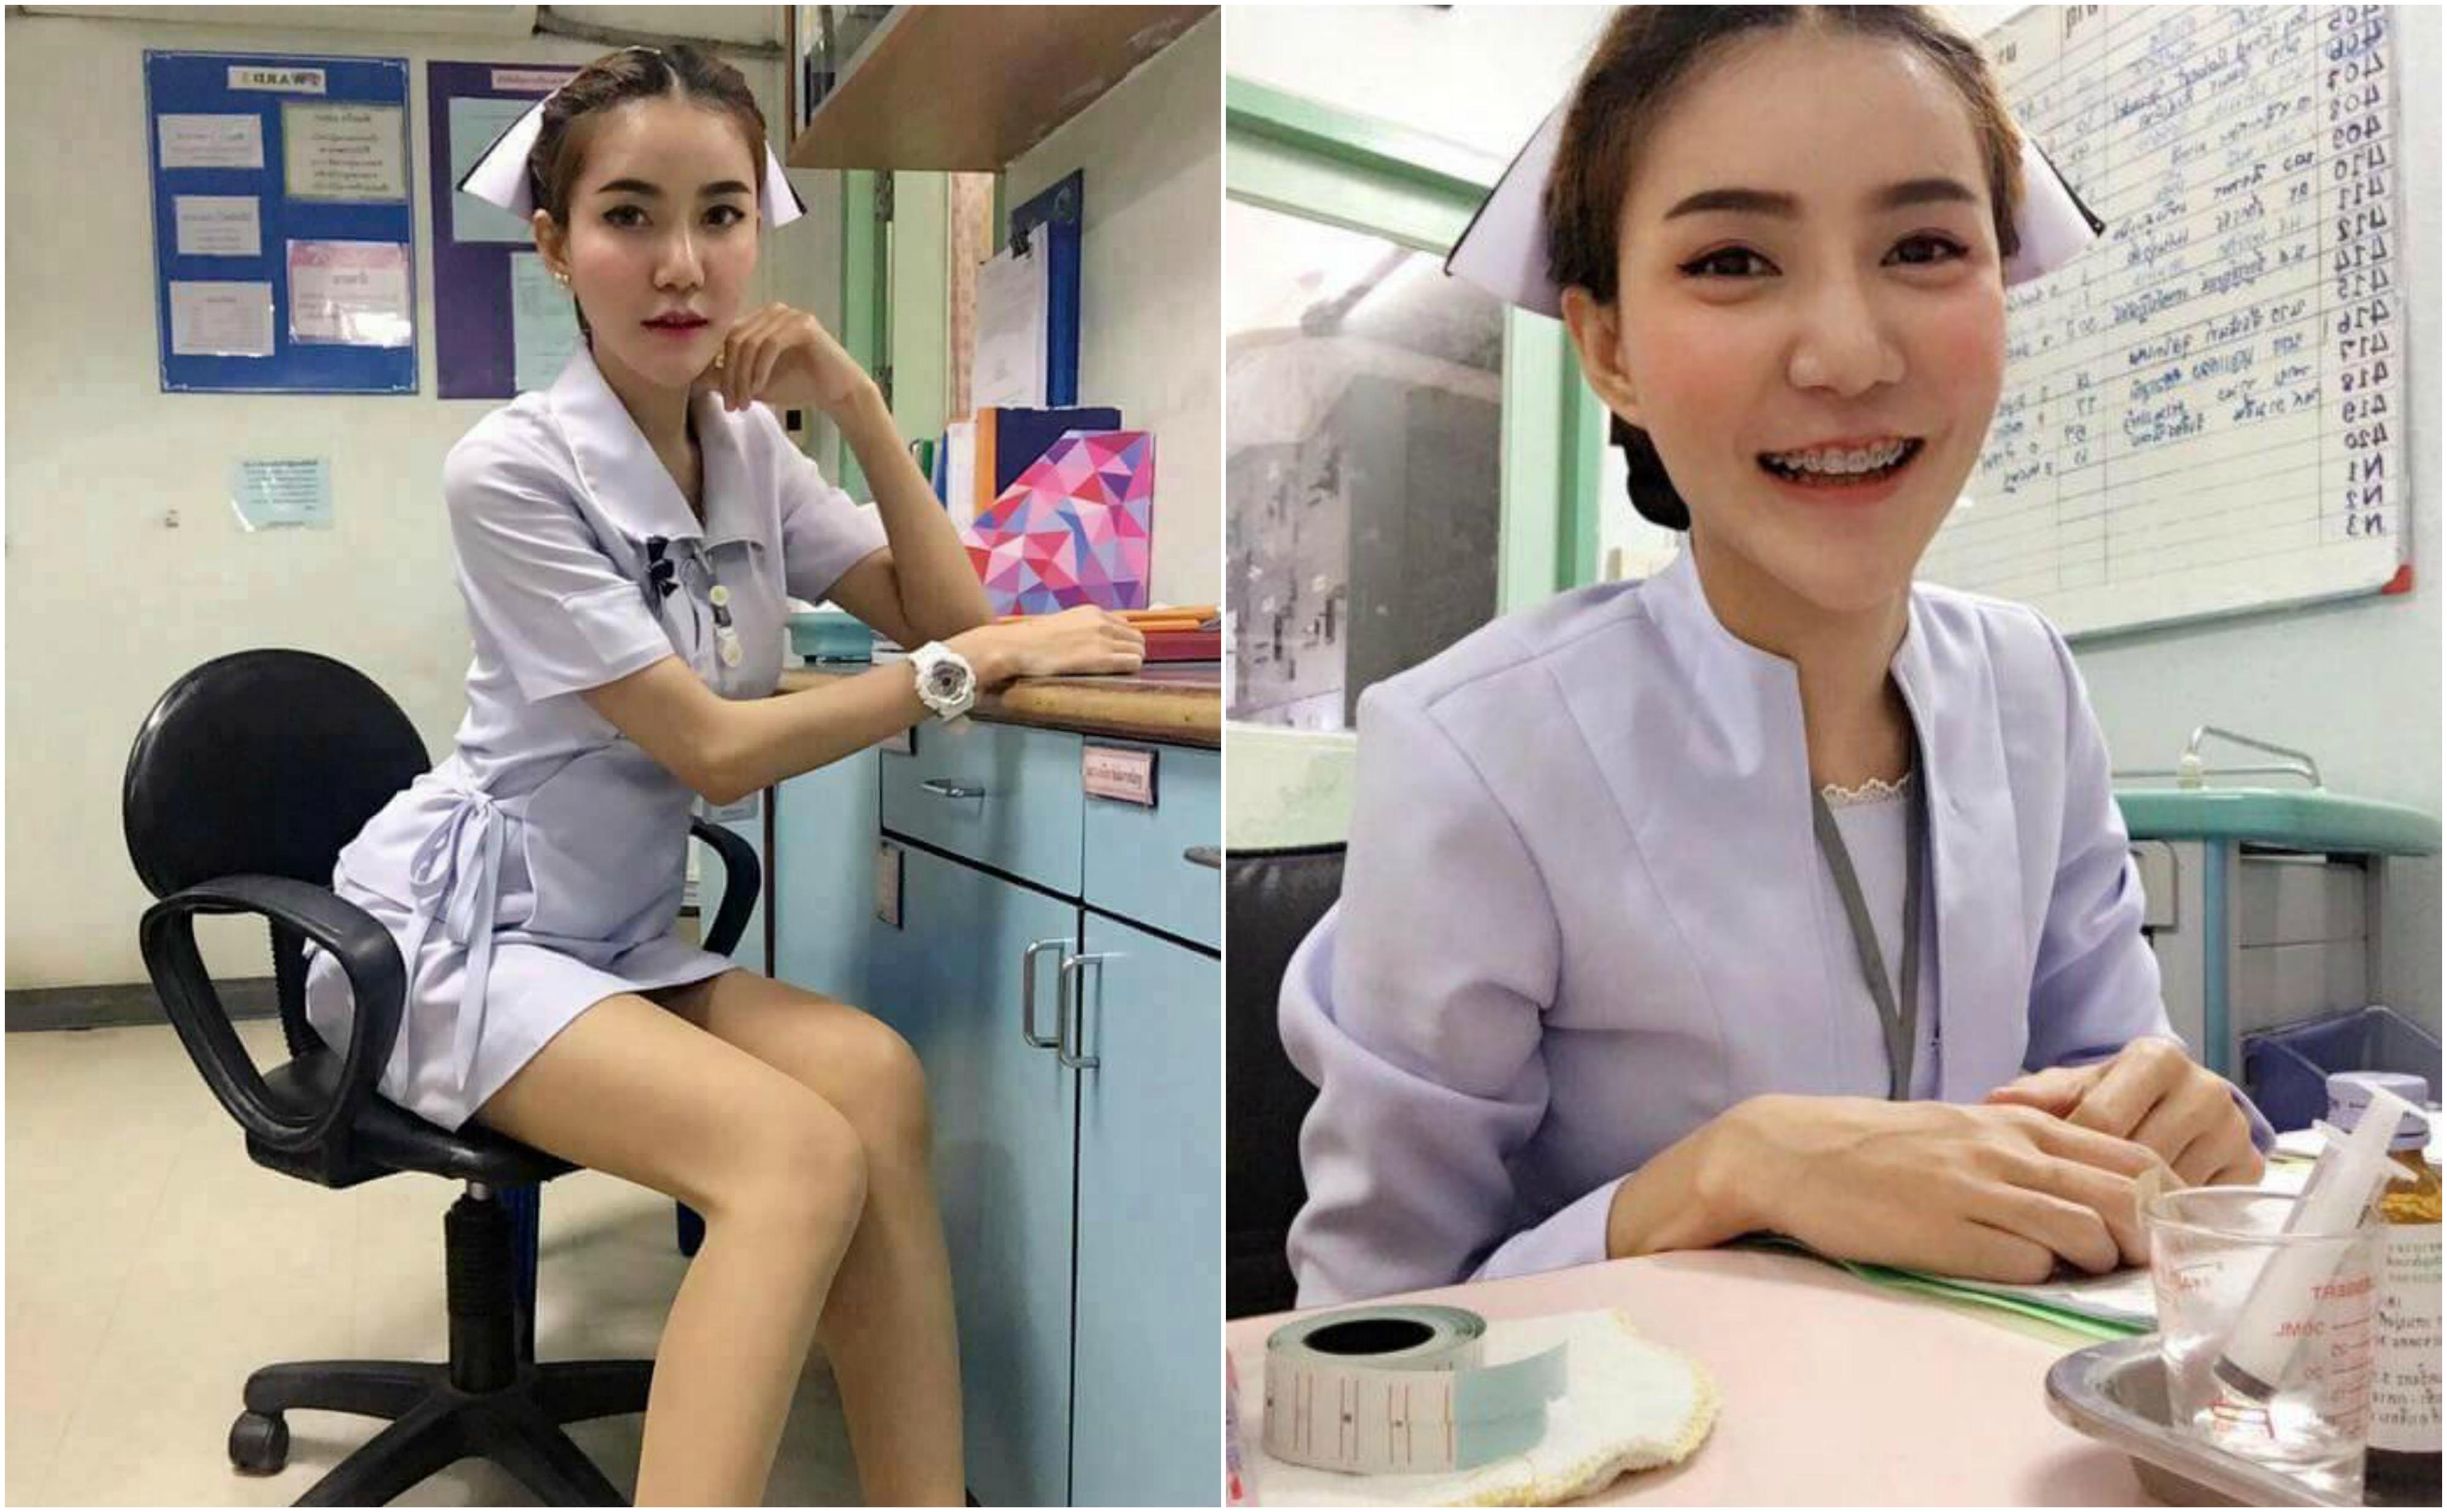 Une infirmière démissionne à cause de ses photos...